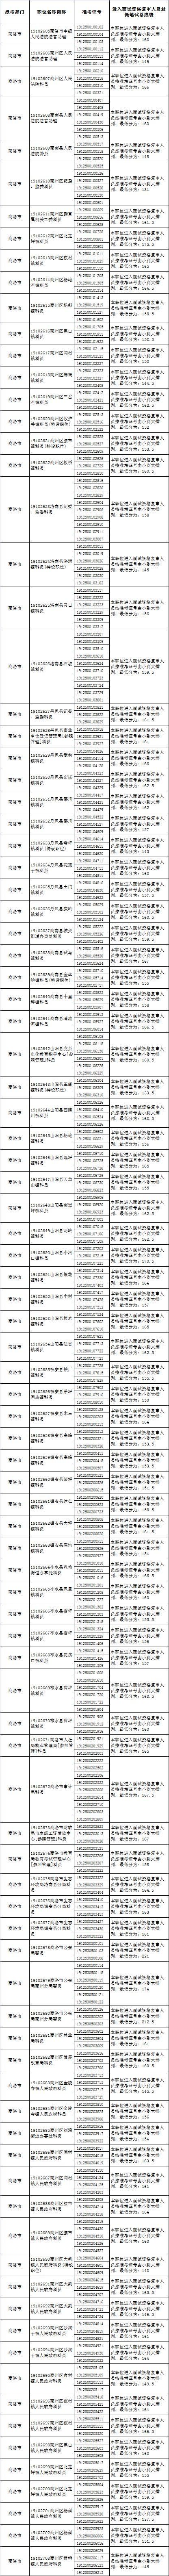 2019商洛市公务员考试面试资格复审名单及地点